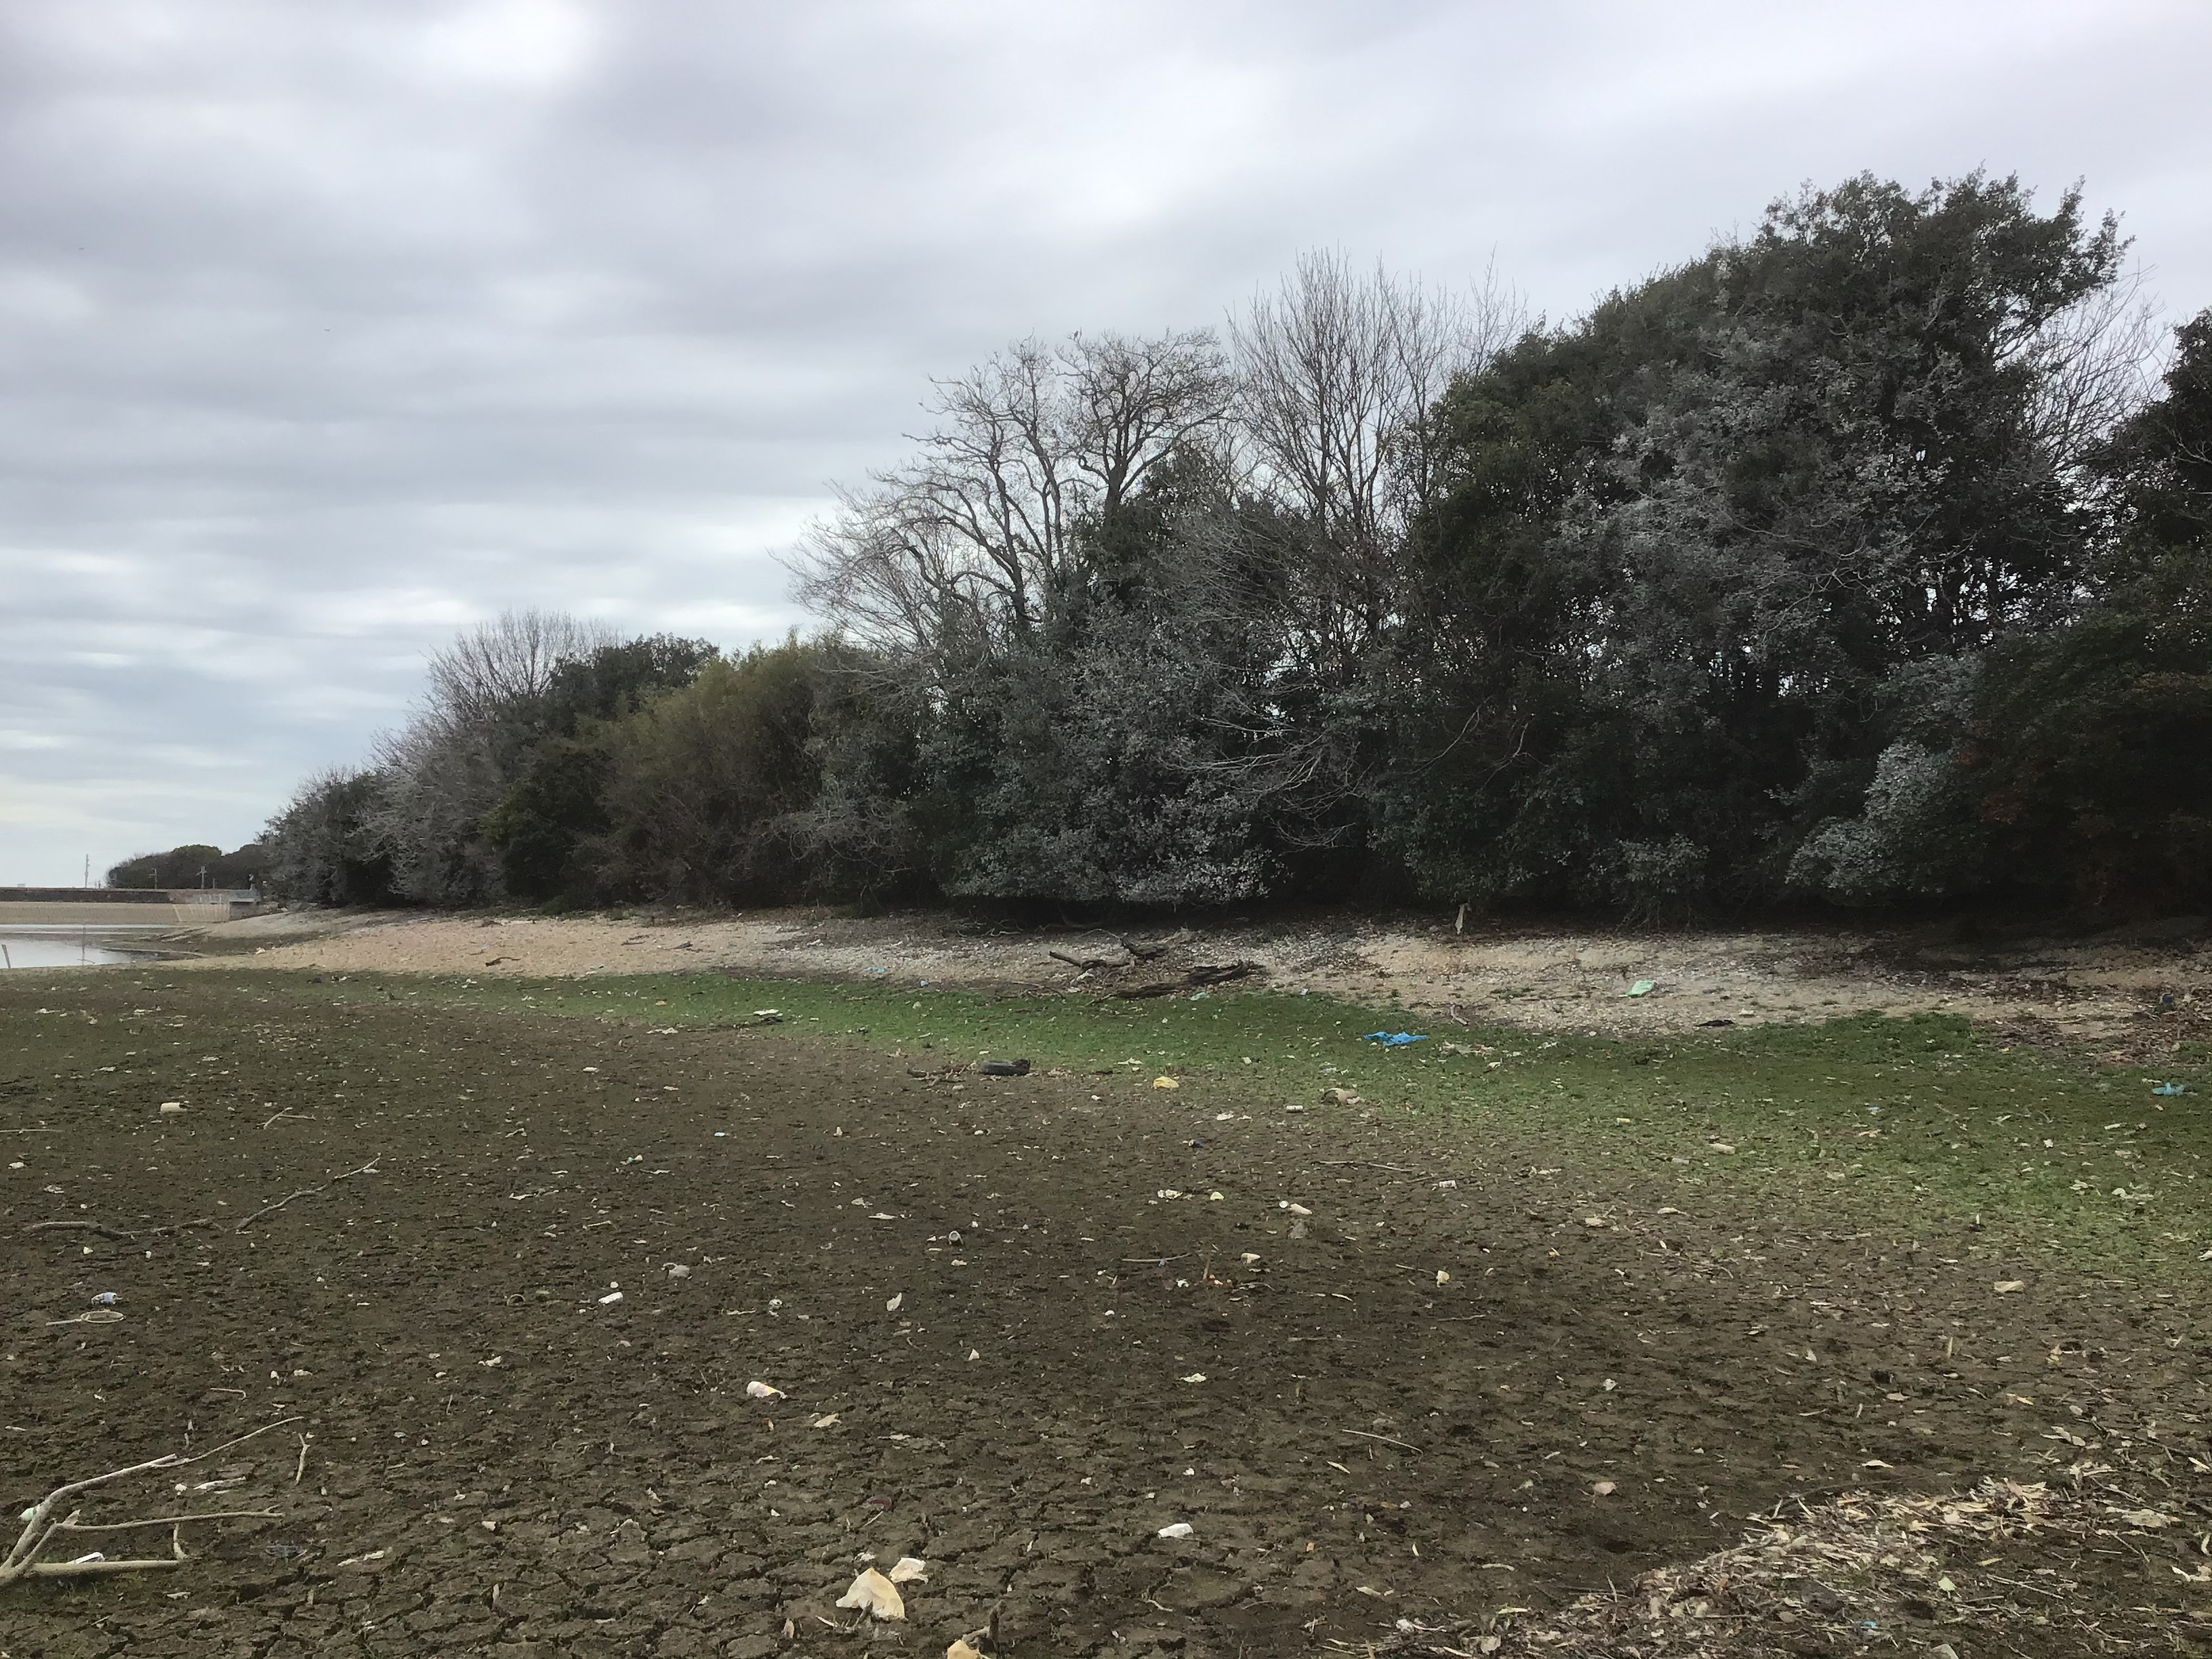 【参考】白く降りかかったカワウの糞害。水利役員さんより「糞がかかった樹は枯れていくんや」